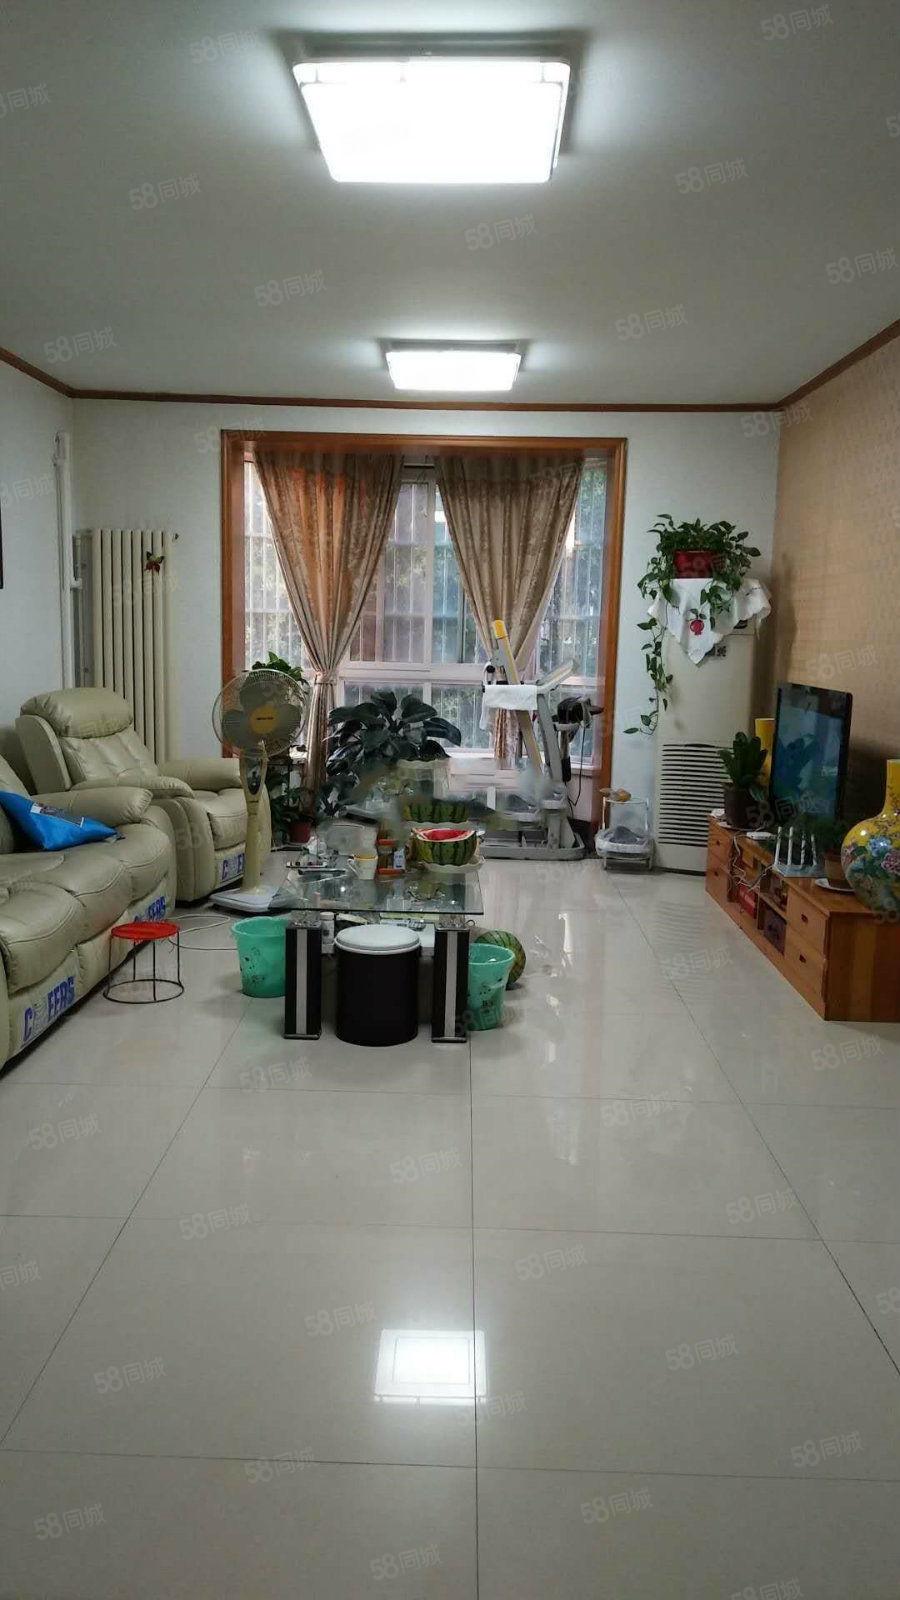 曹州路与迎宾路交叉口江南御景园多层1楼户型方正带储藏室